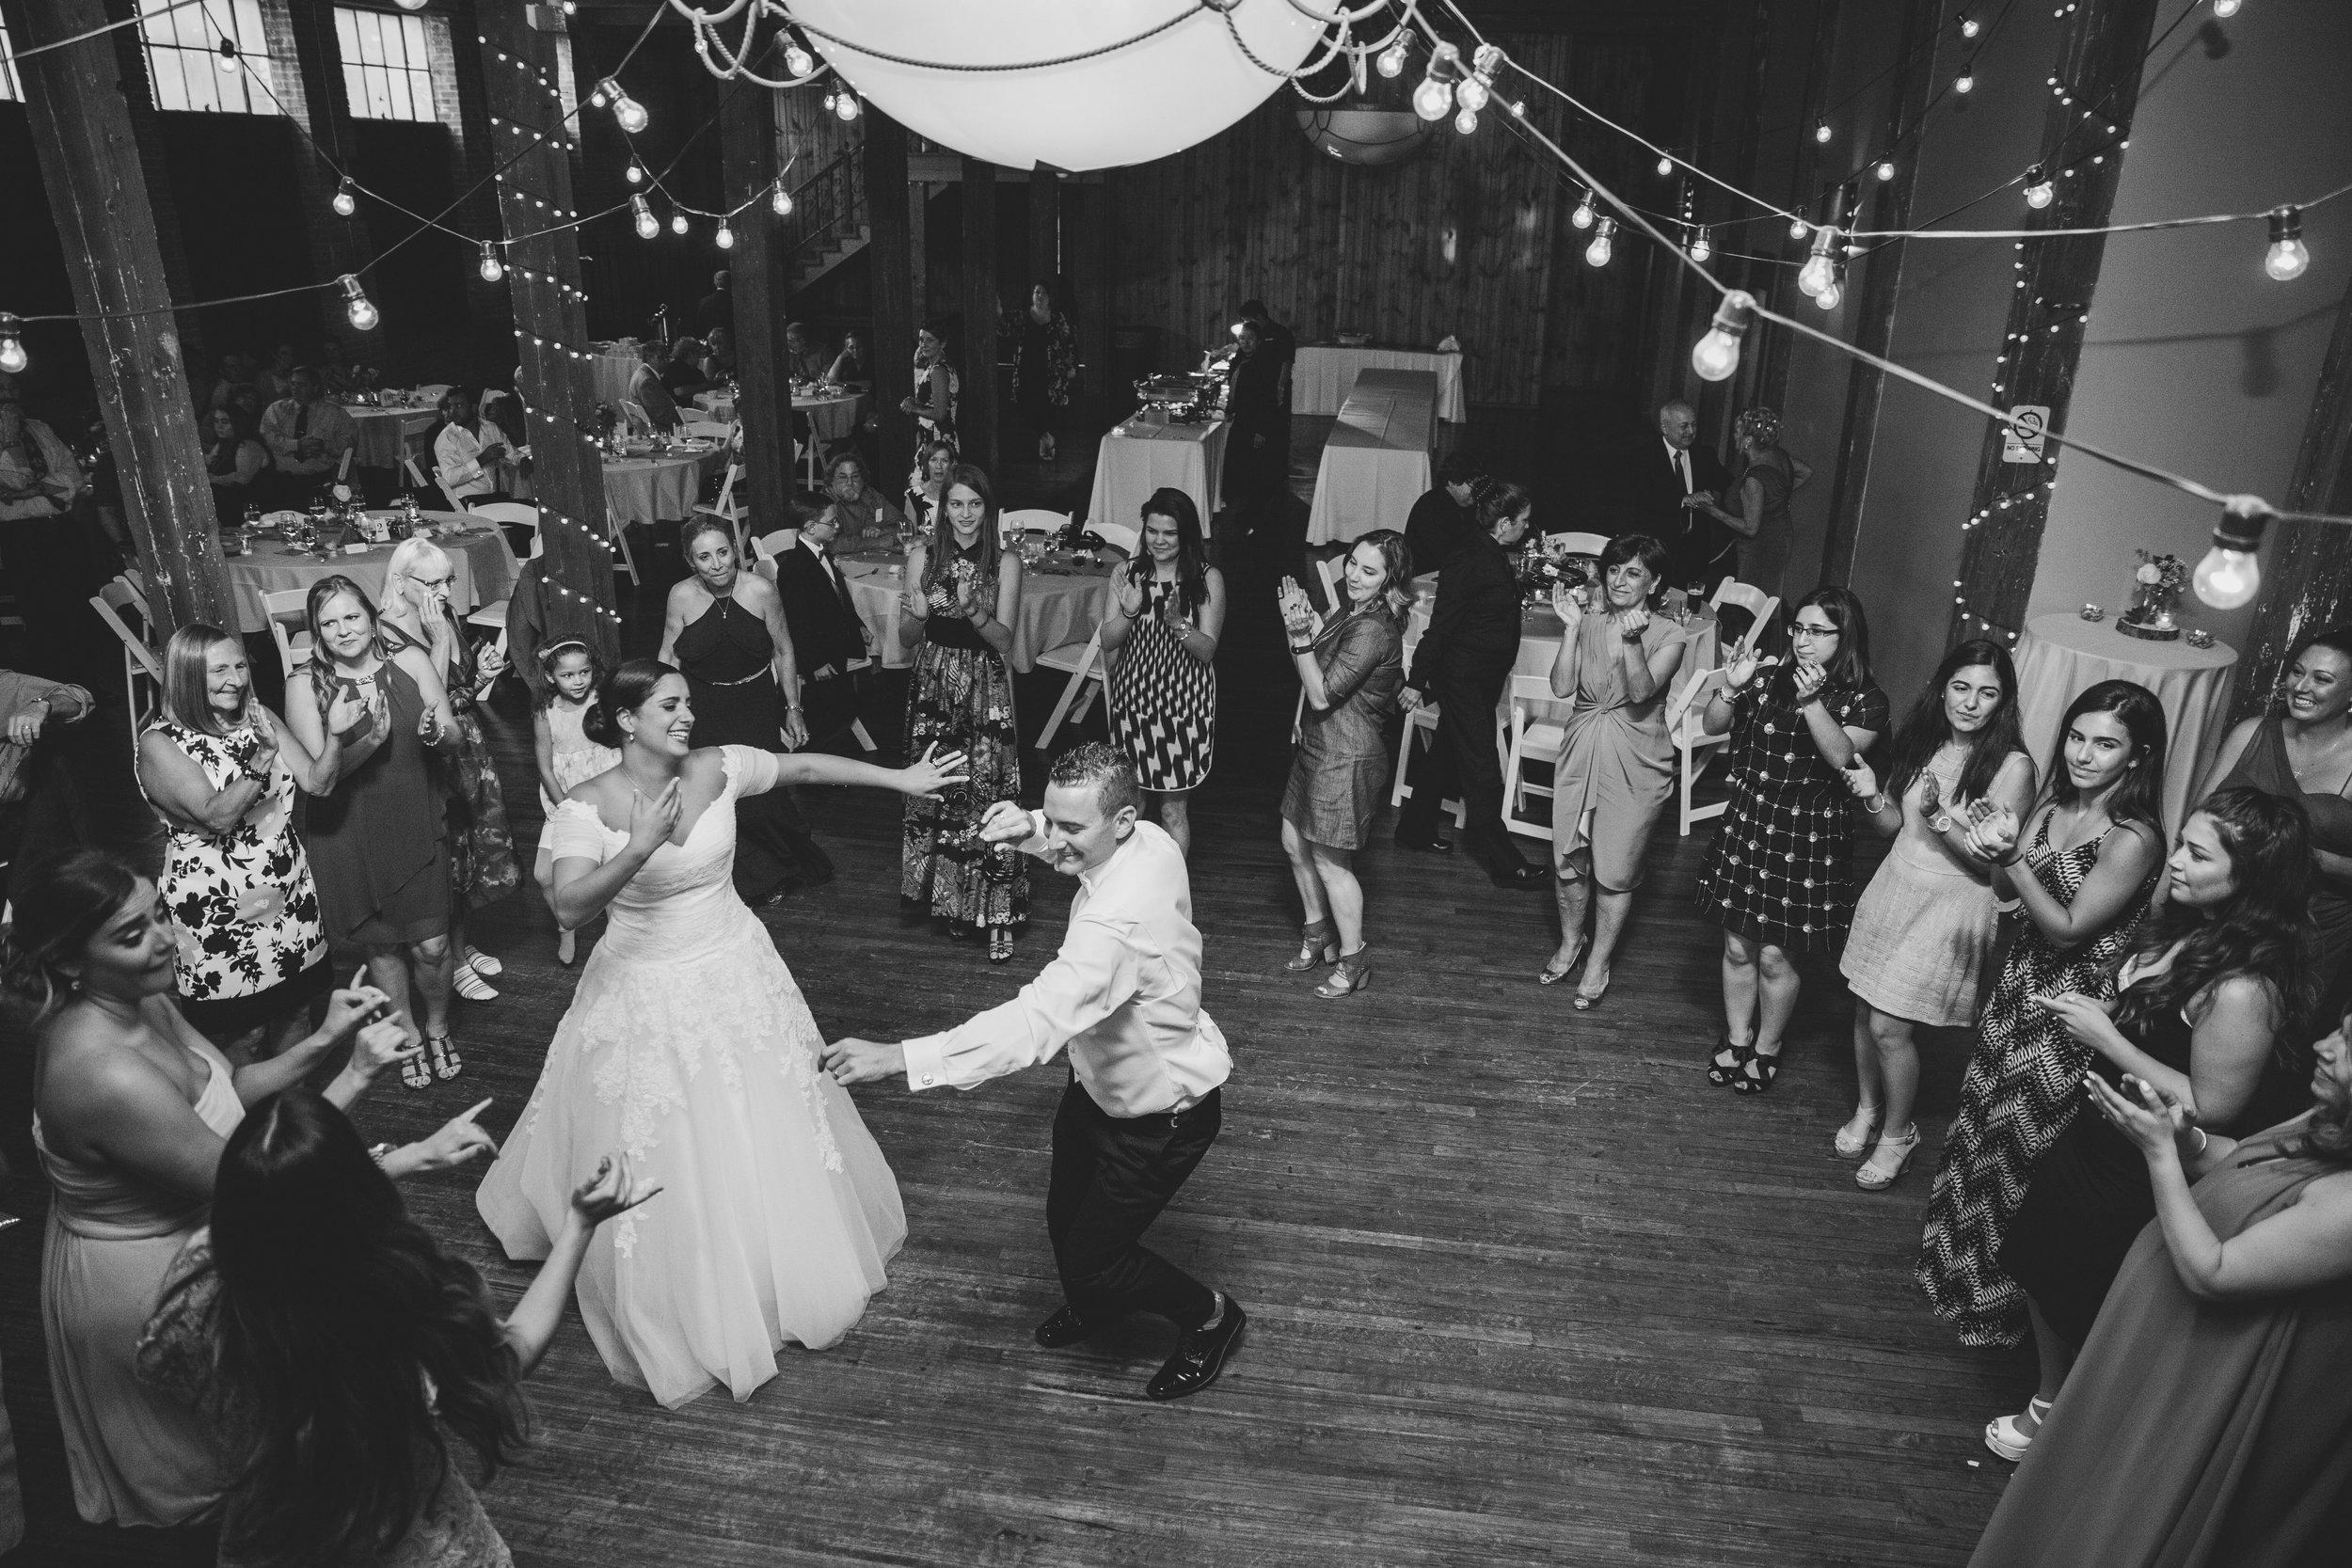 ATGI_Magali & Josh Wedding1__551.jpg